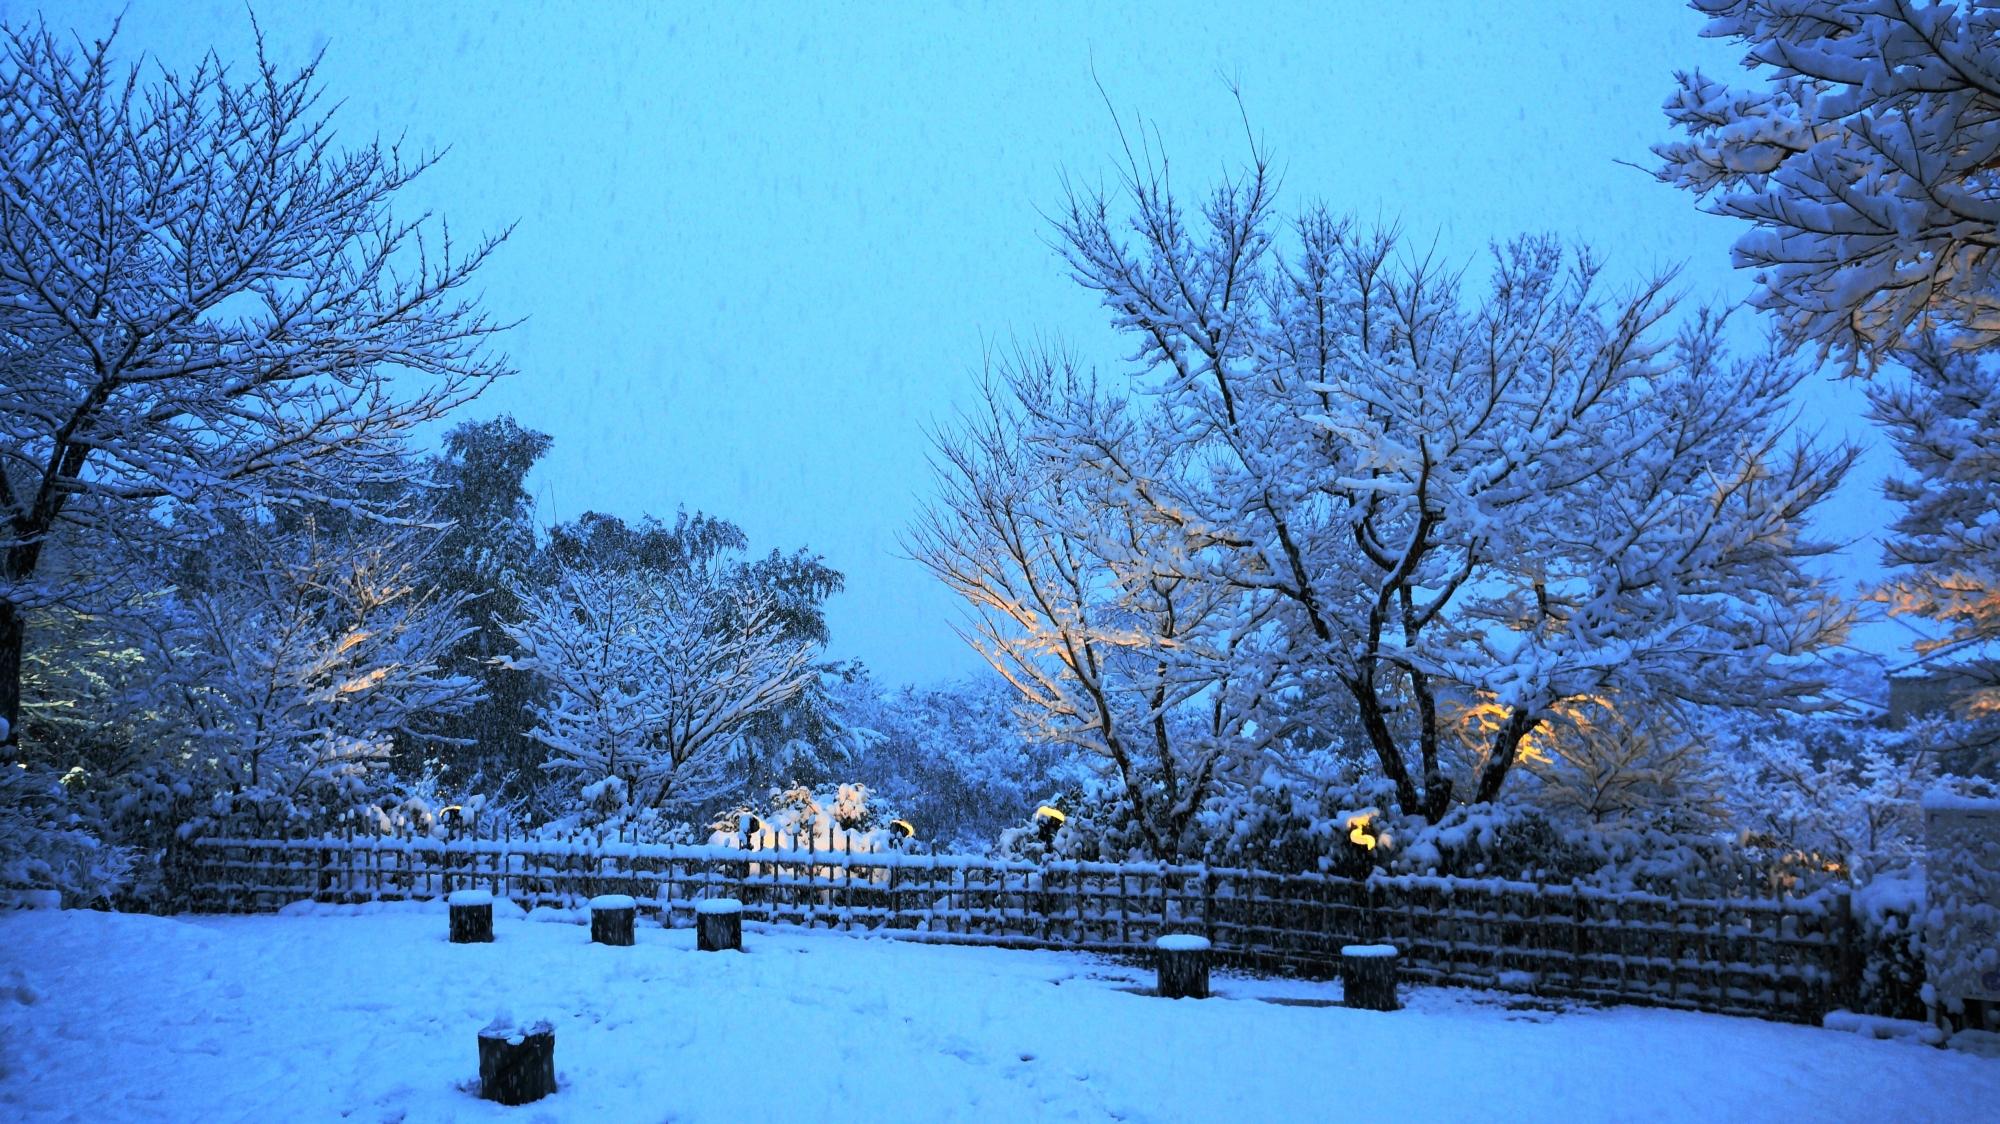 高台寺の境内入口の雪景色